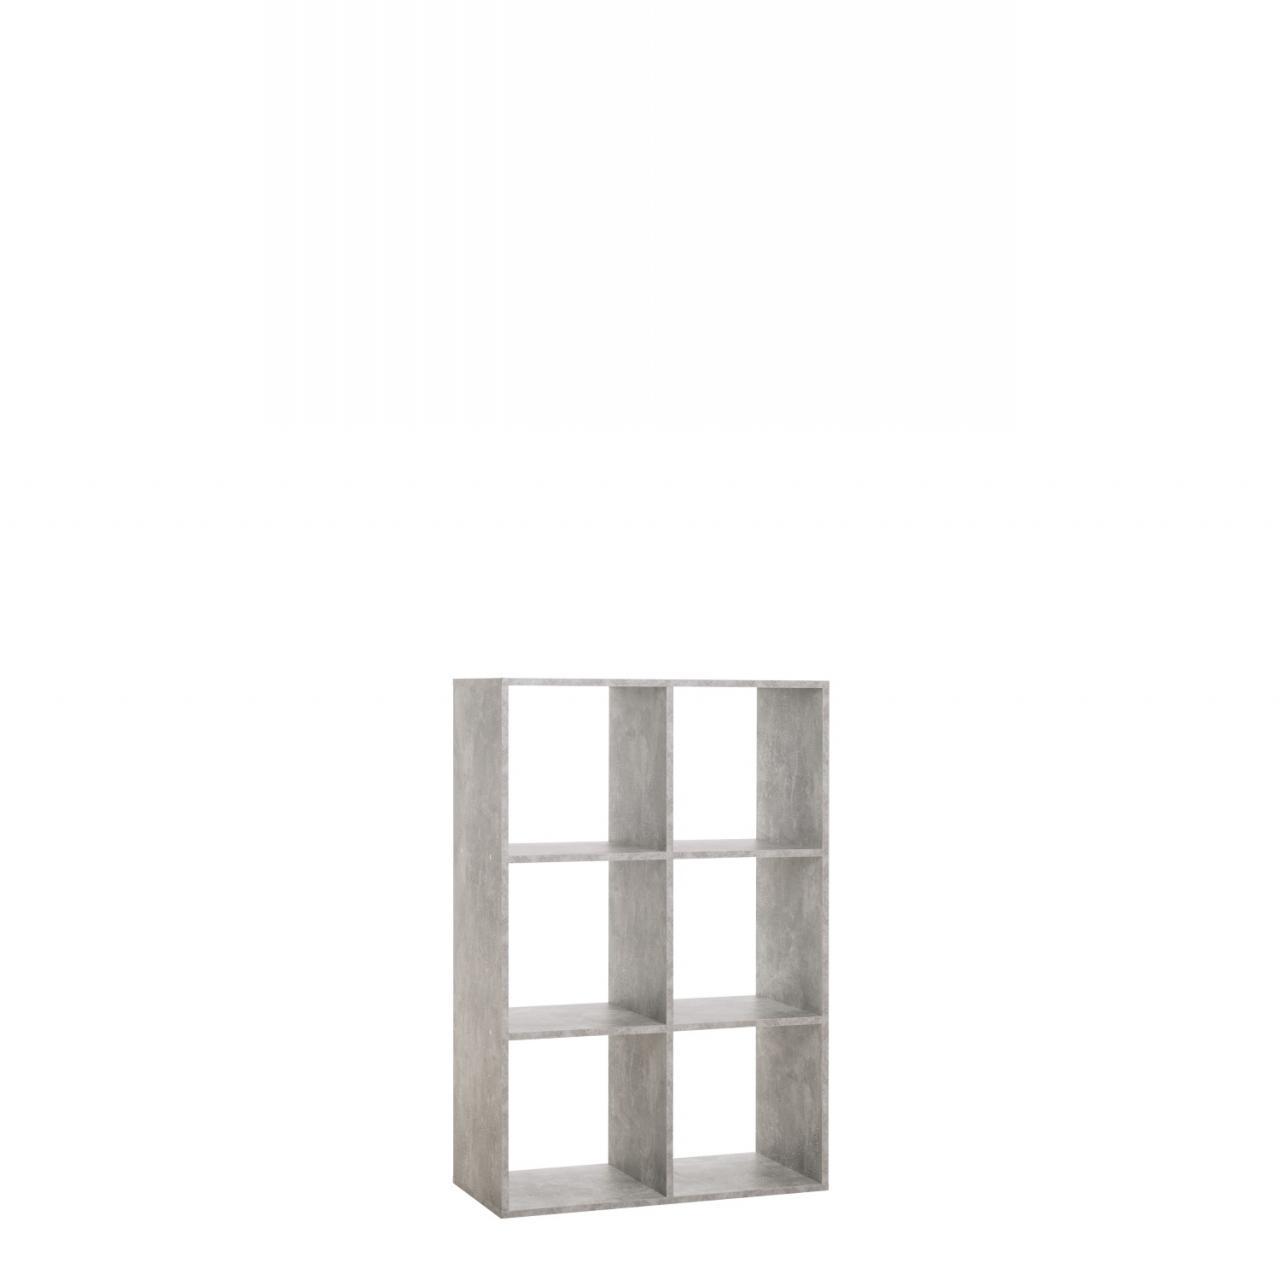 regal louis 6 beton | regale | wohnen | möbel jähnichen center gmbh